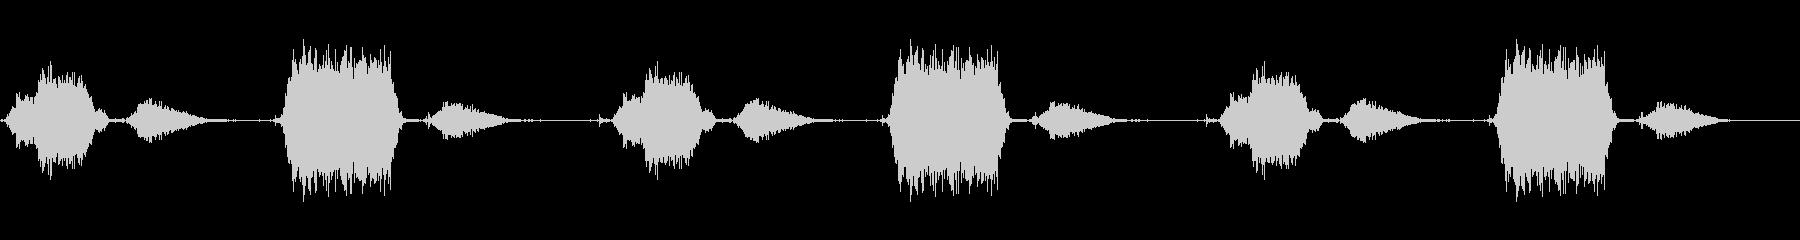 スキューバ機器:フォリー:口を通し...の未再生の波形